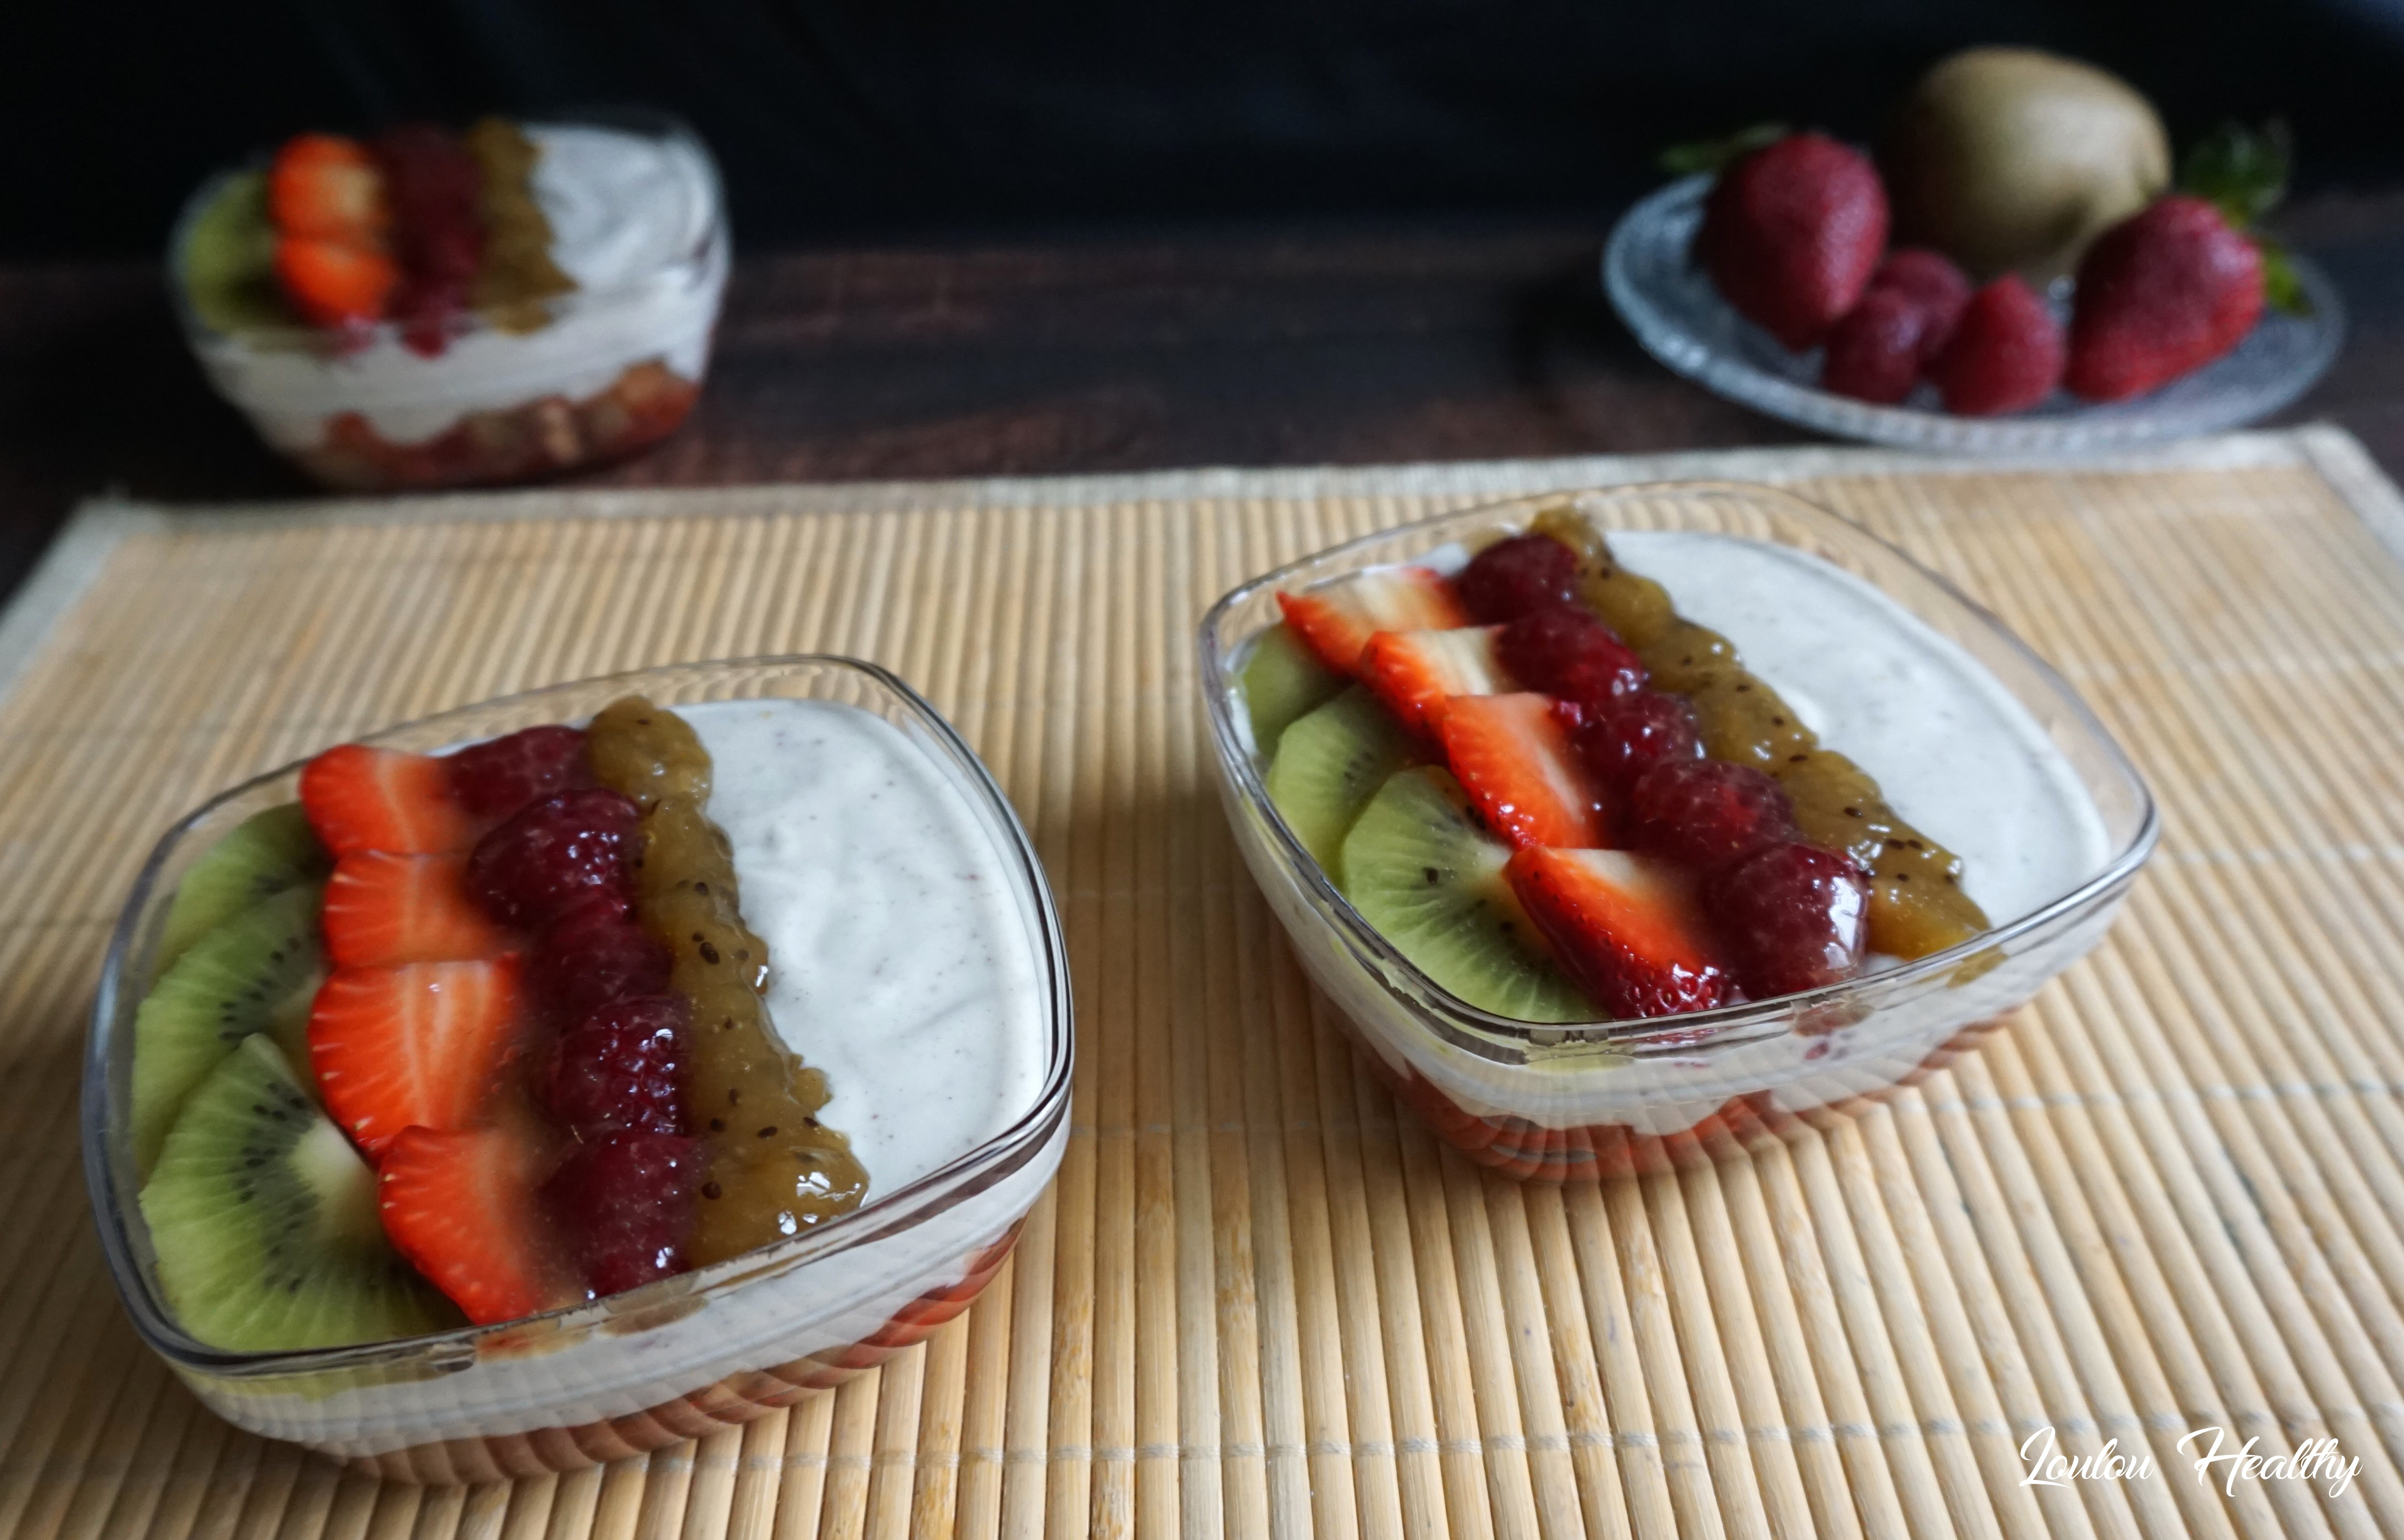 coupes aux fruits rouges, kiwis et crème à l'amande2